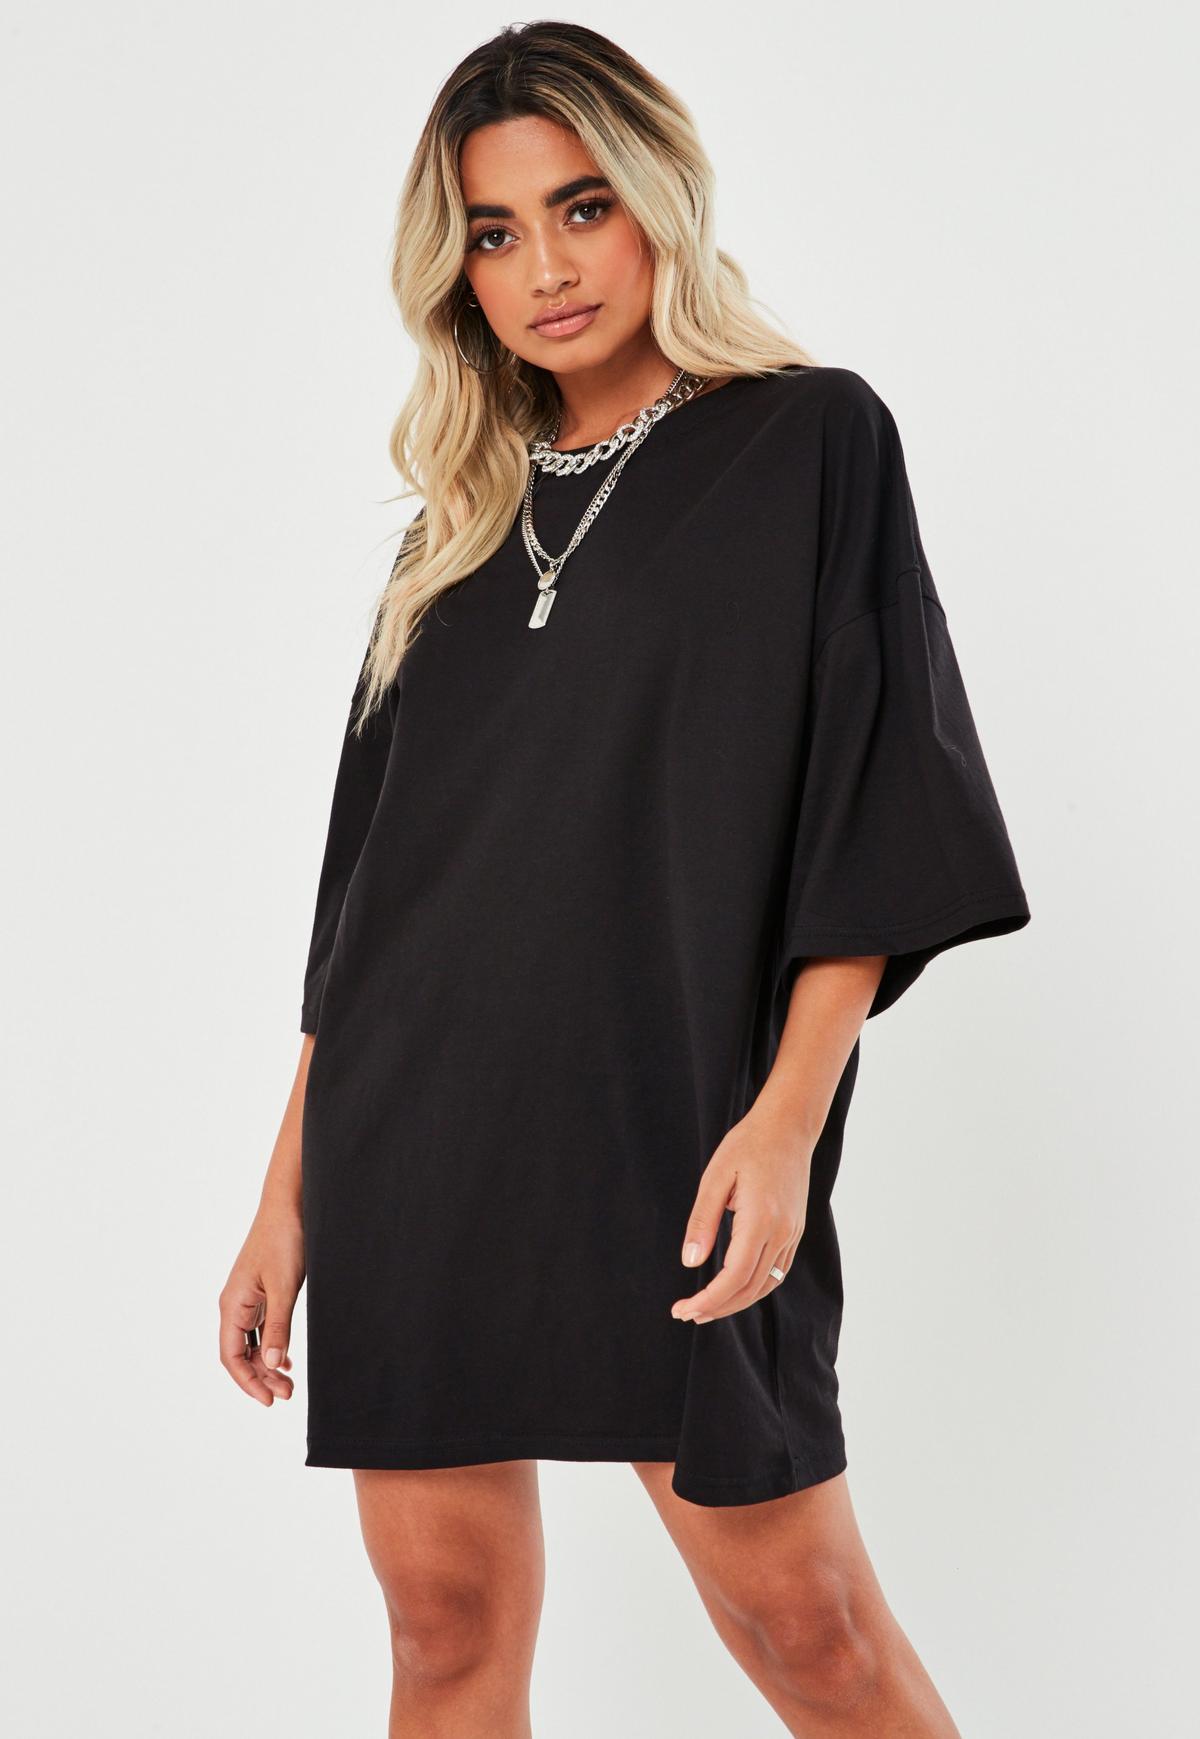 Petite Black Basic Oversized T Shirt Dress